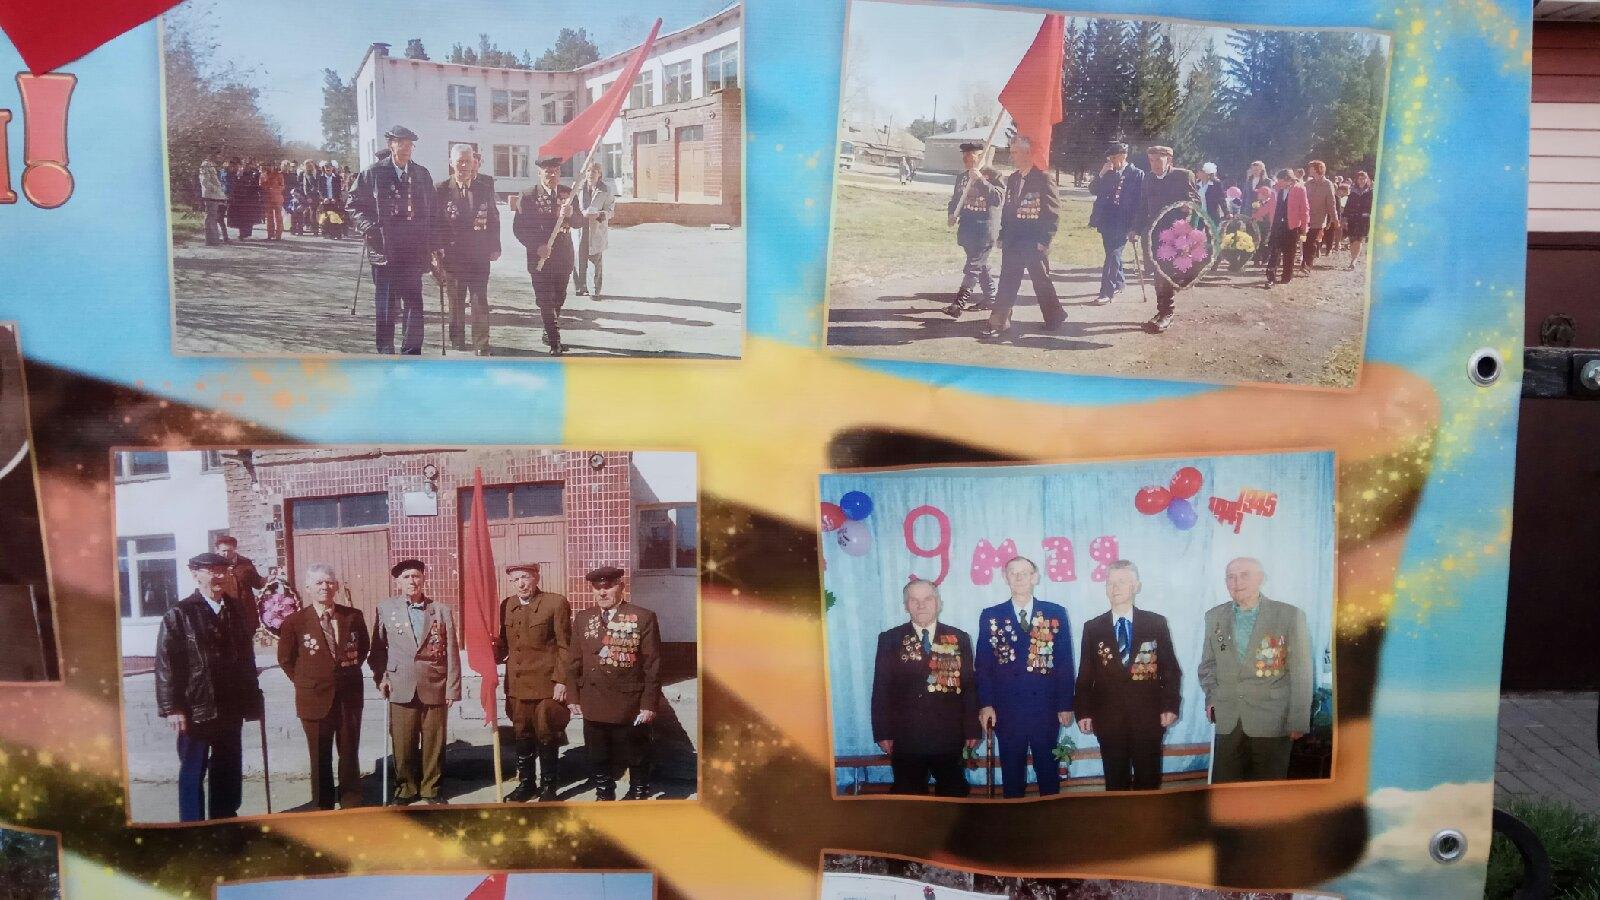 Фото Бессмертный полк офлайн: новосибирцы придумали способ принять участие в традиционной акции на День Победы 6